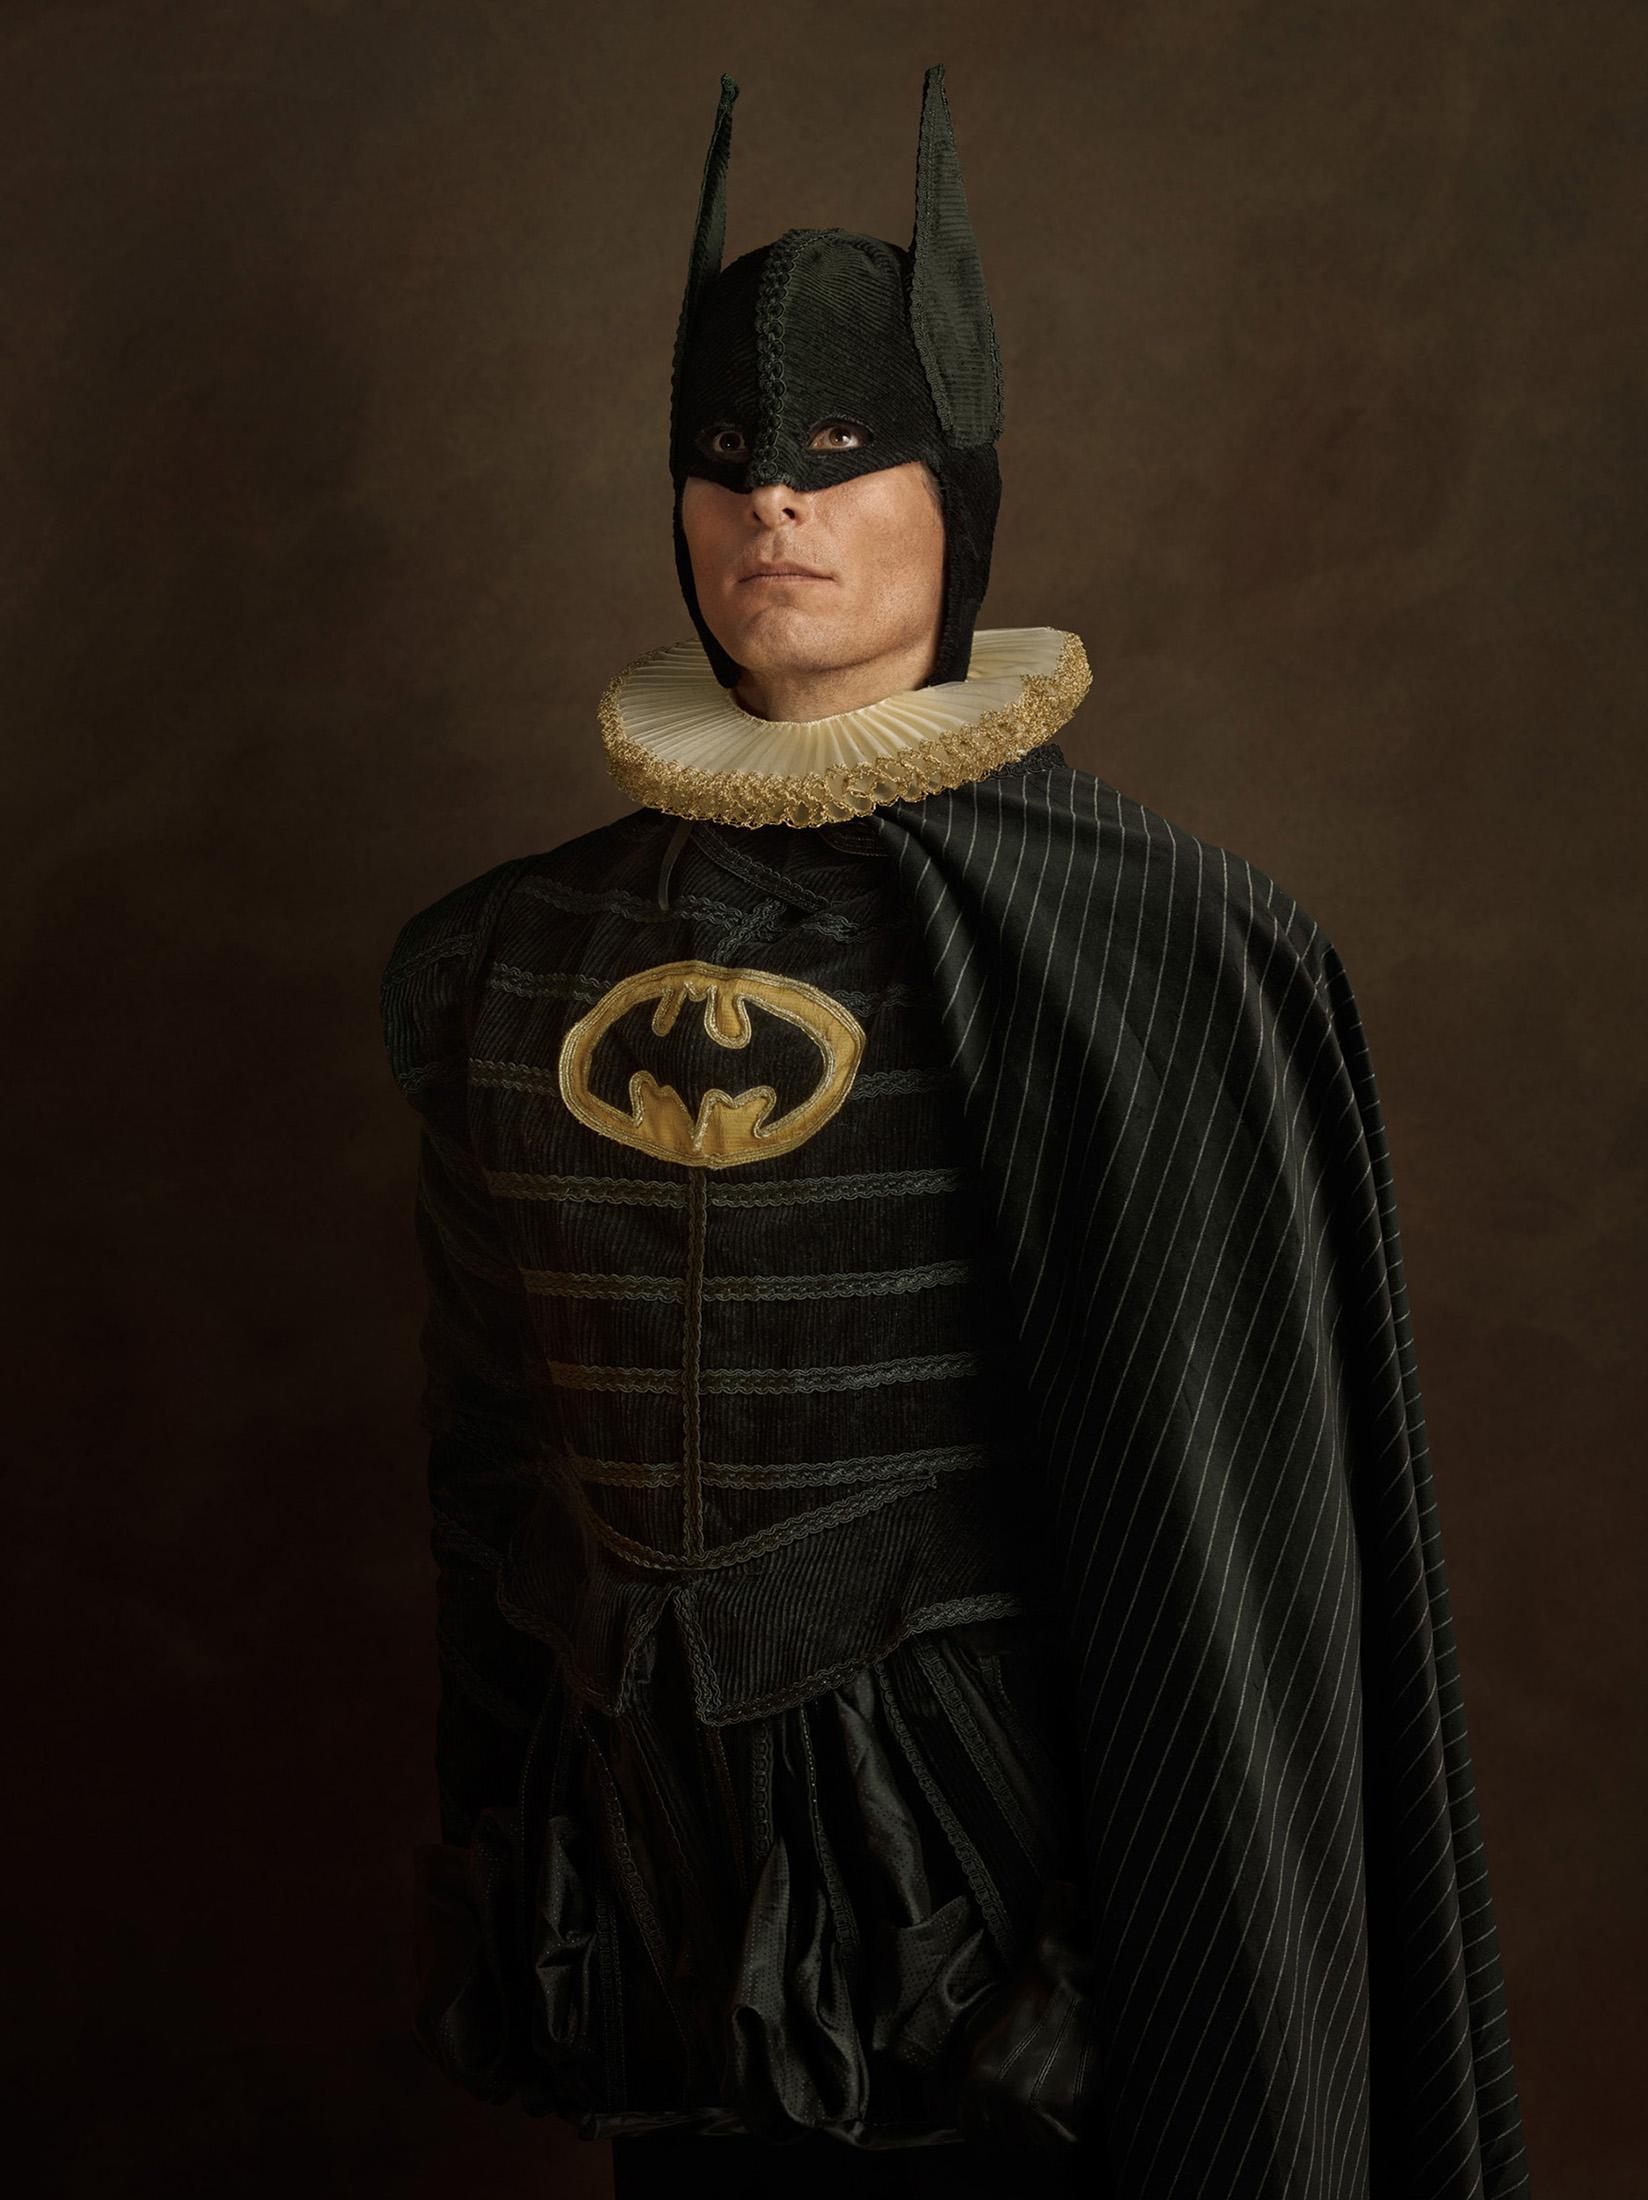 15_07_13_Super-Heros-Flamands-_08_Batman&Robin_0440_04_3